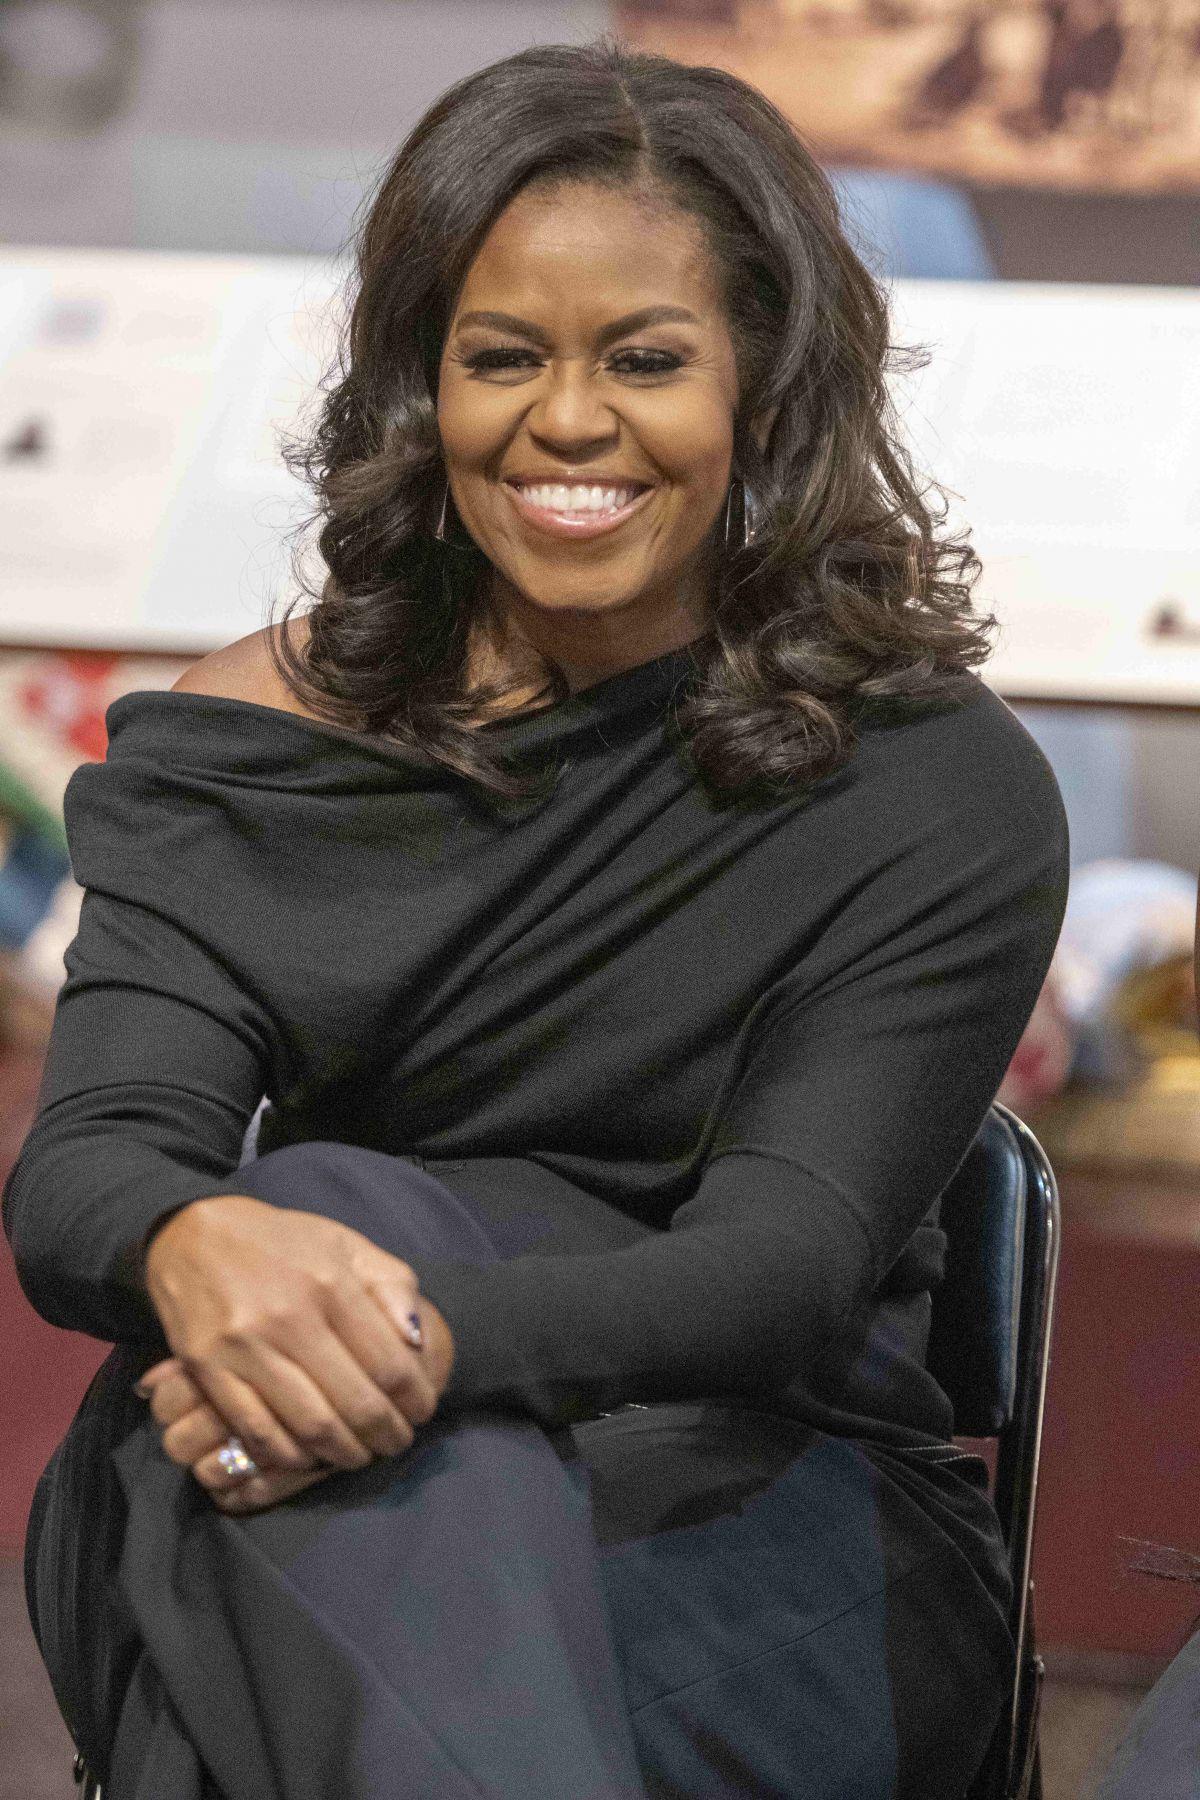 michelle obama book tour philadelphia